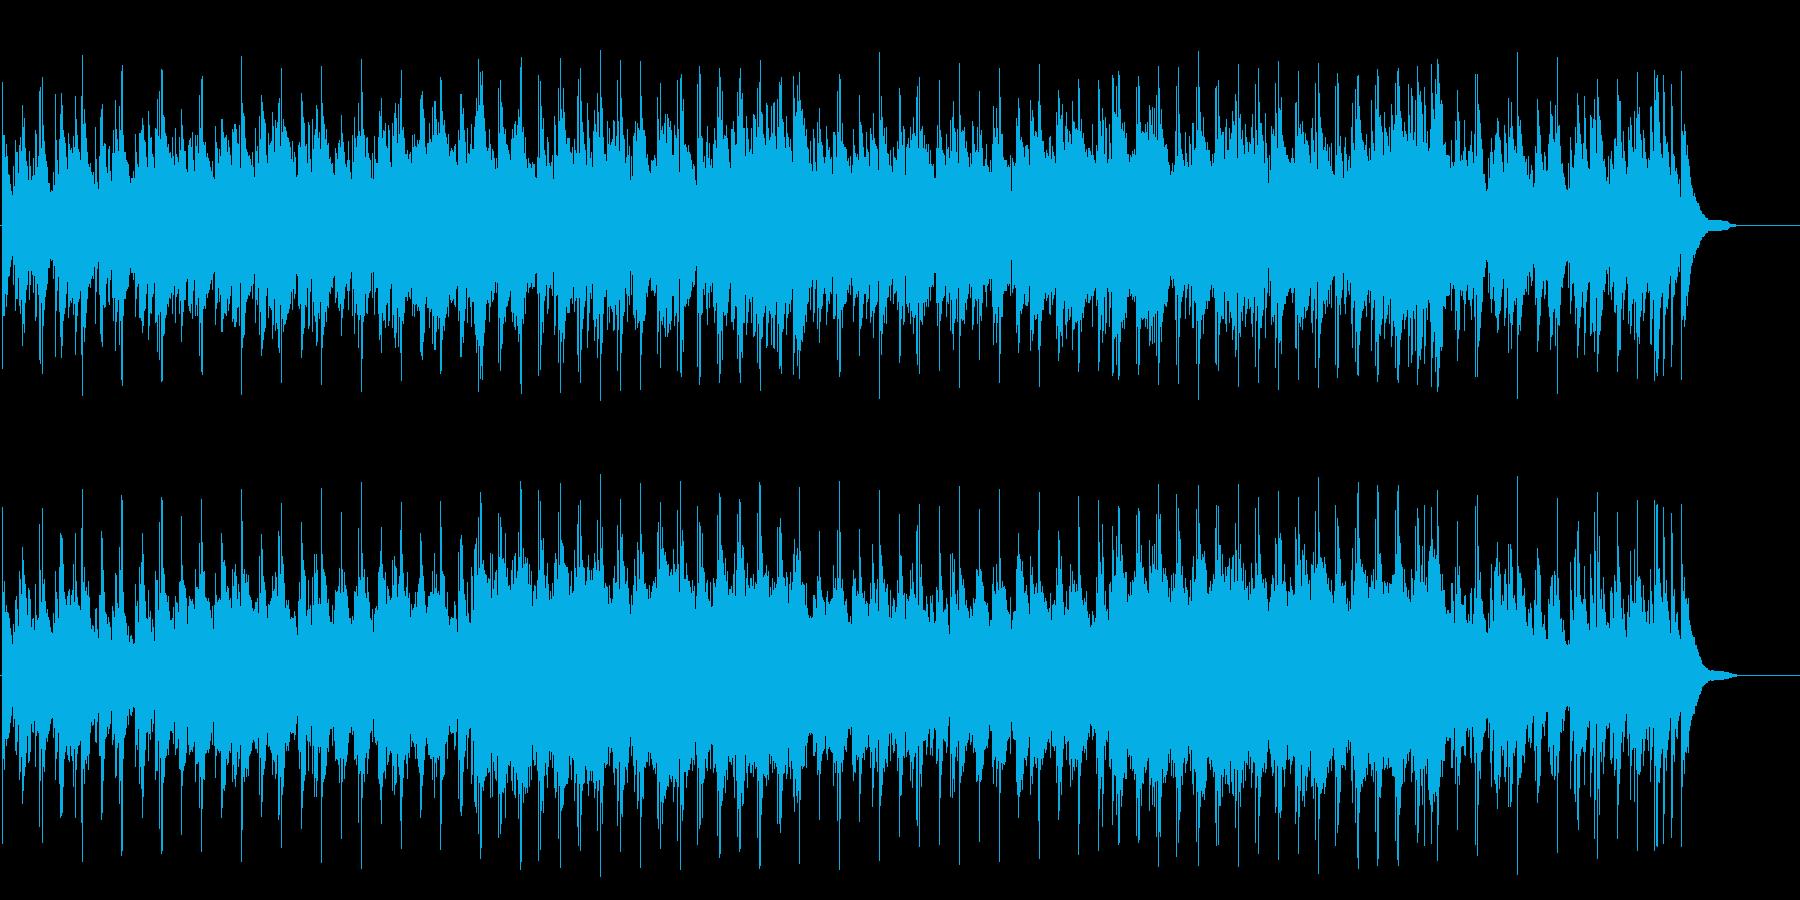 ほのぼのとしたフォーク風ポップ/バラードの再生済みの波形